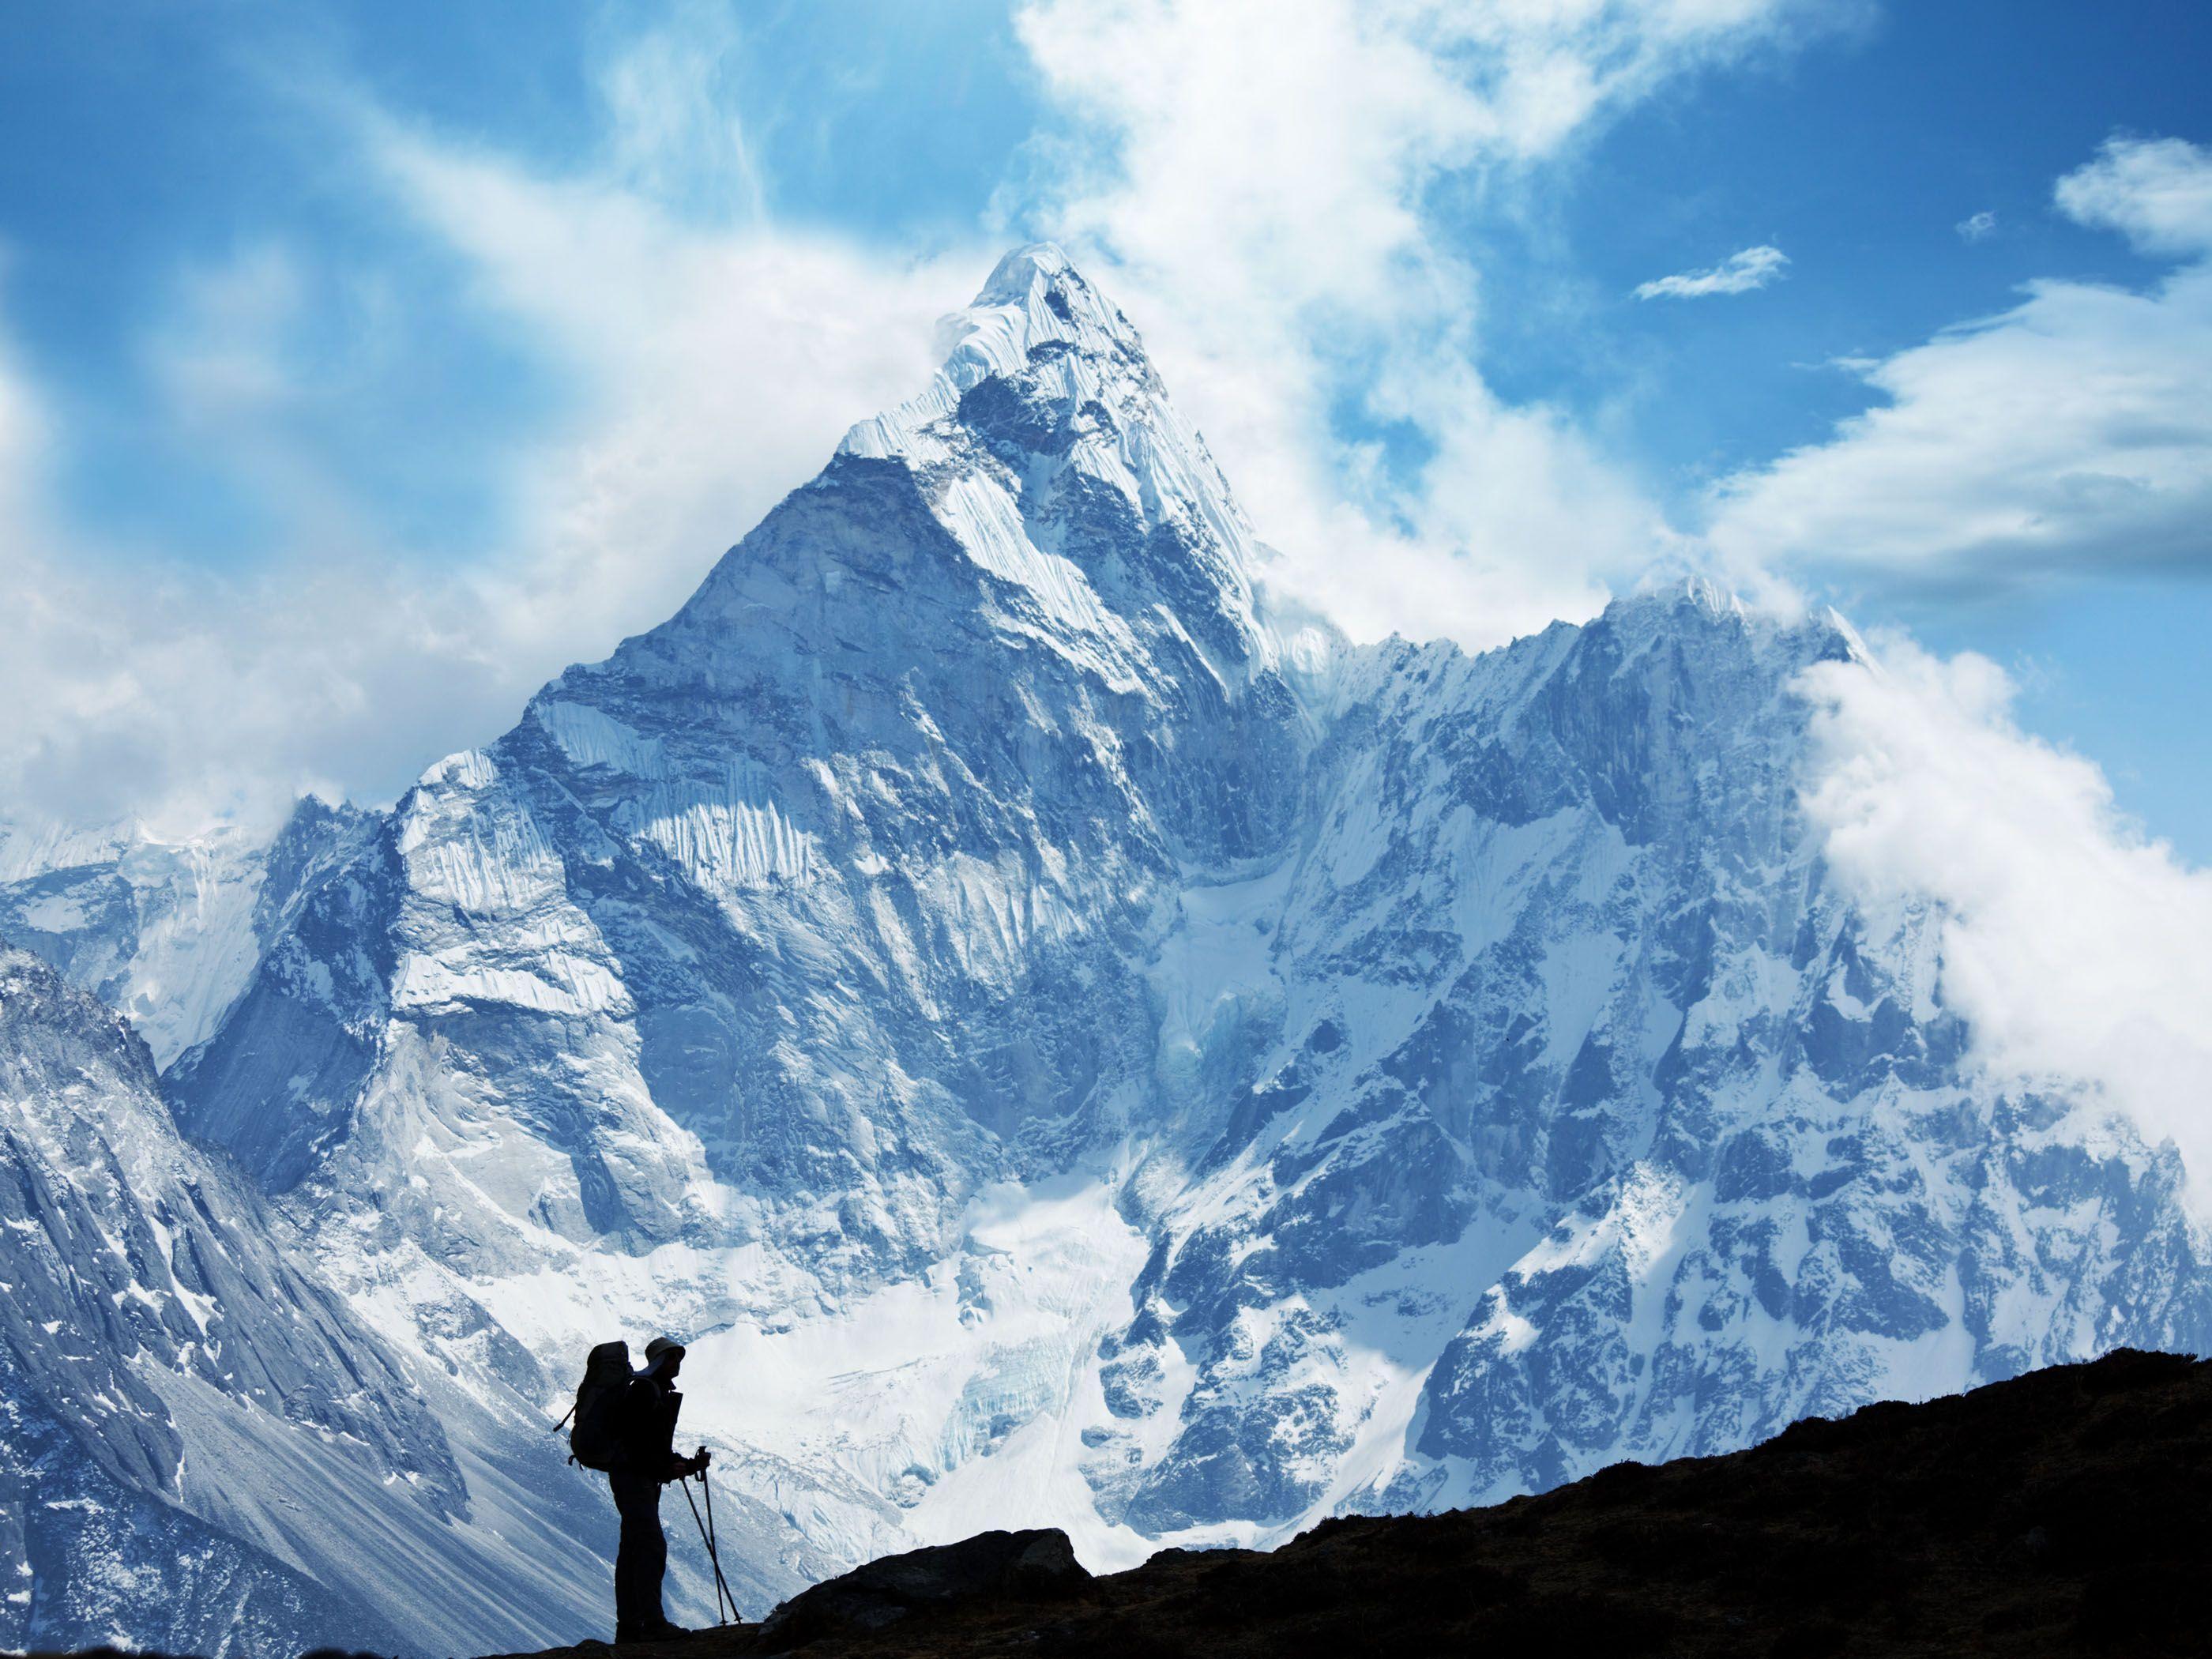 Himalayas Wallpapers